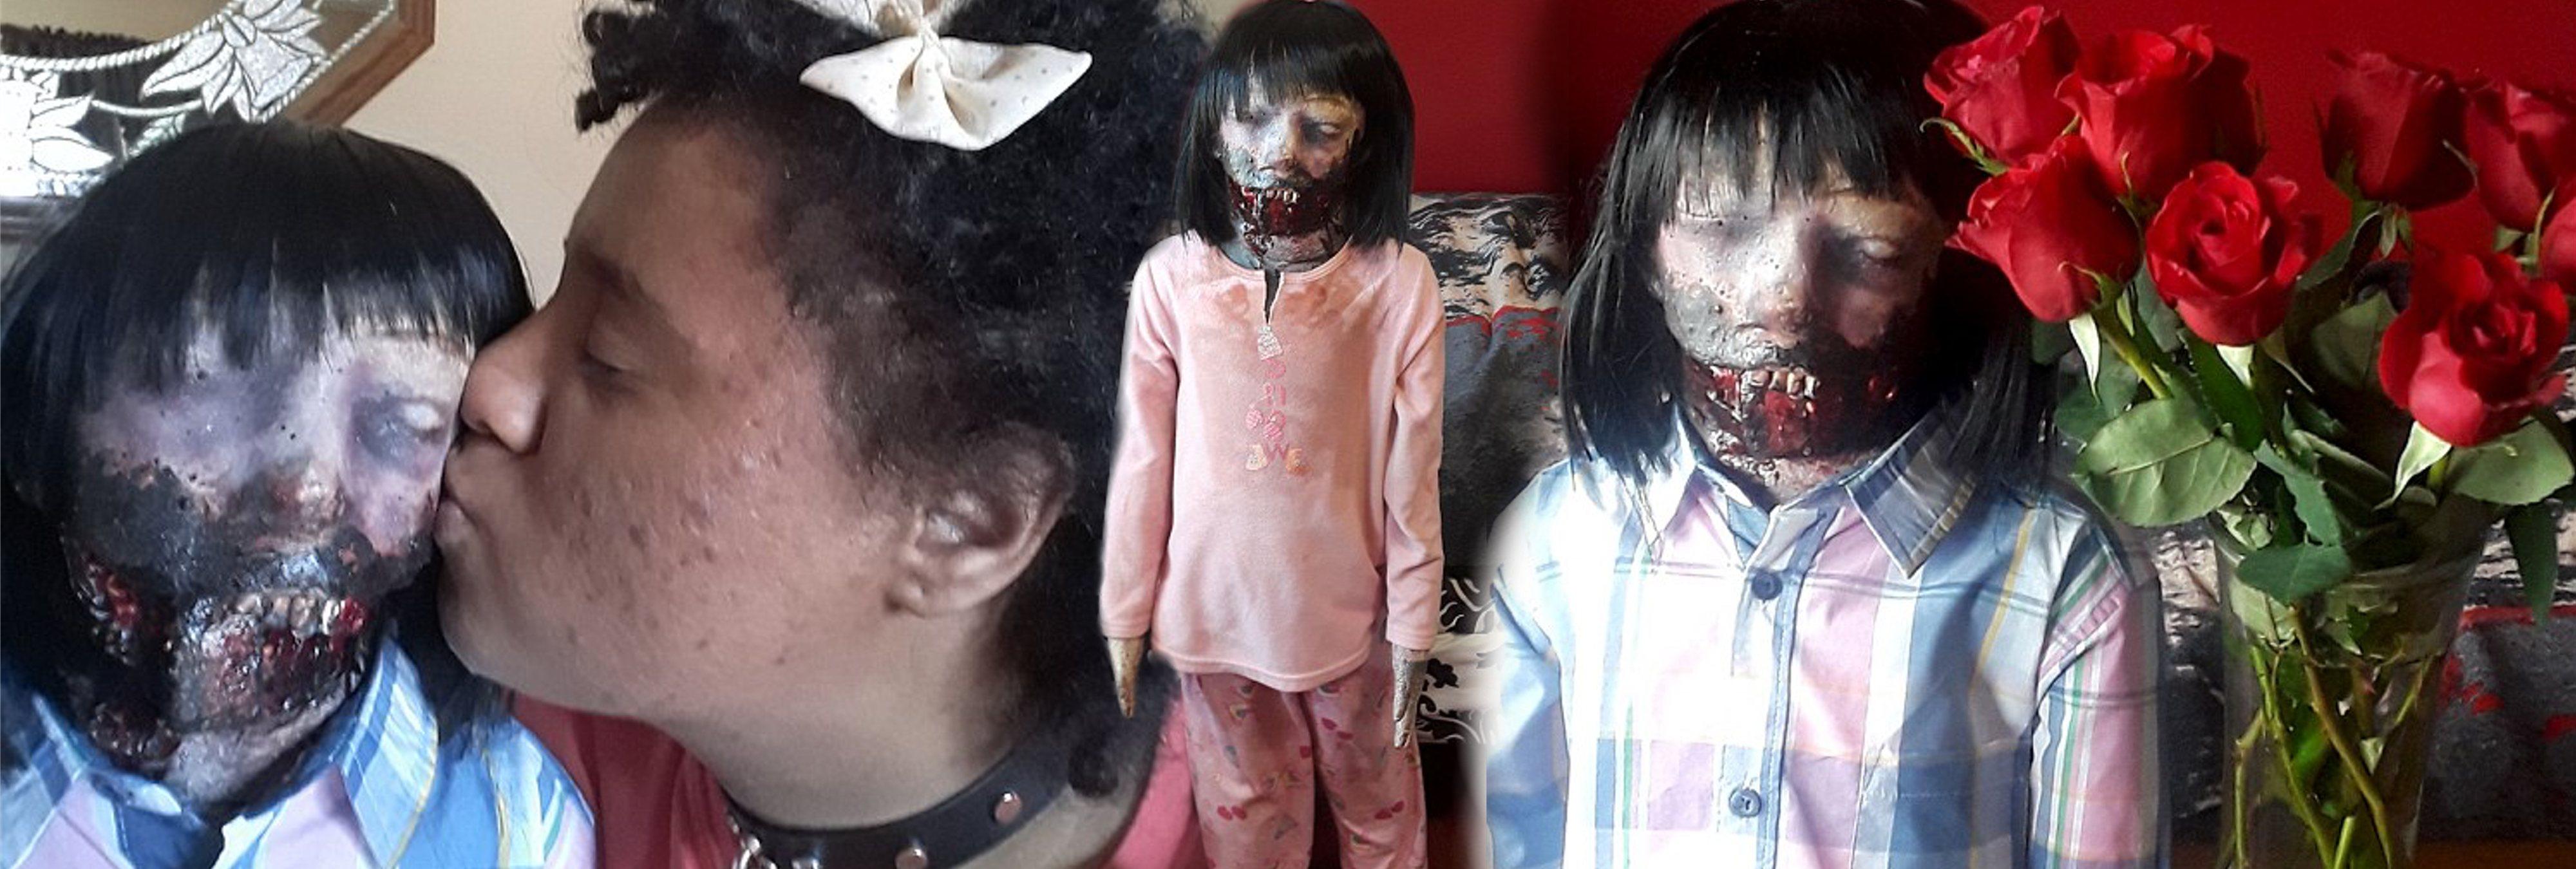 """Una adolescente se va a casar con su muñeca diabólica: """"Estoy enamorada"""""""